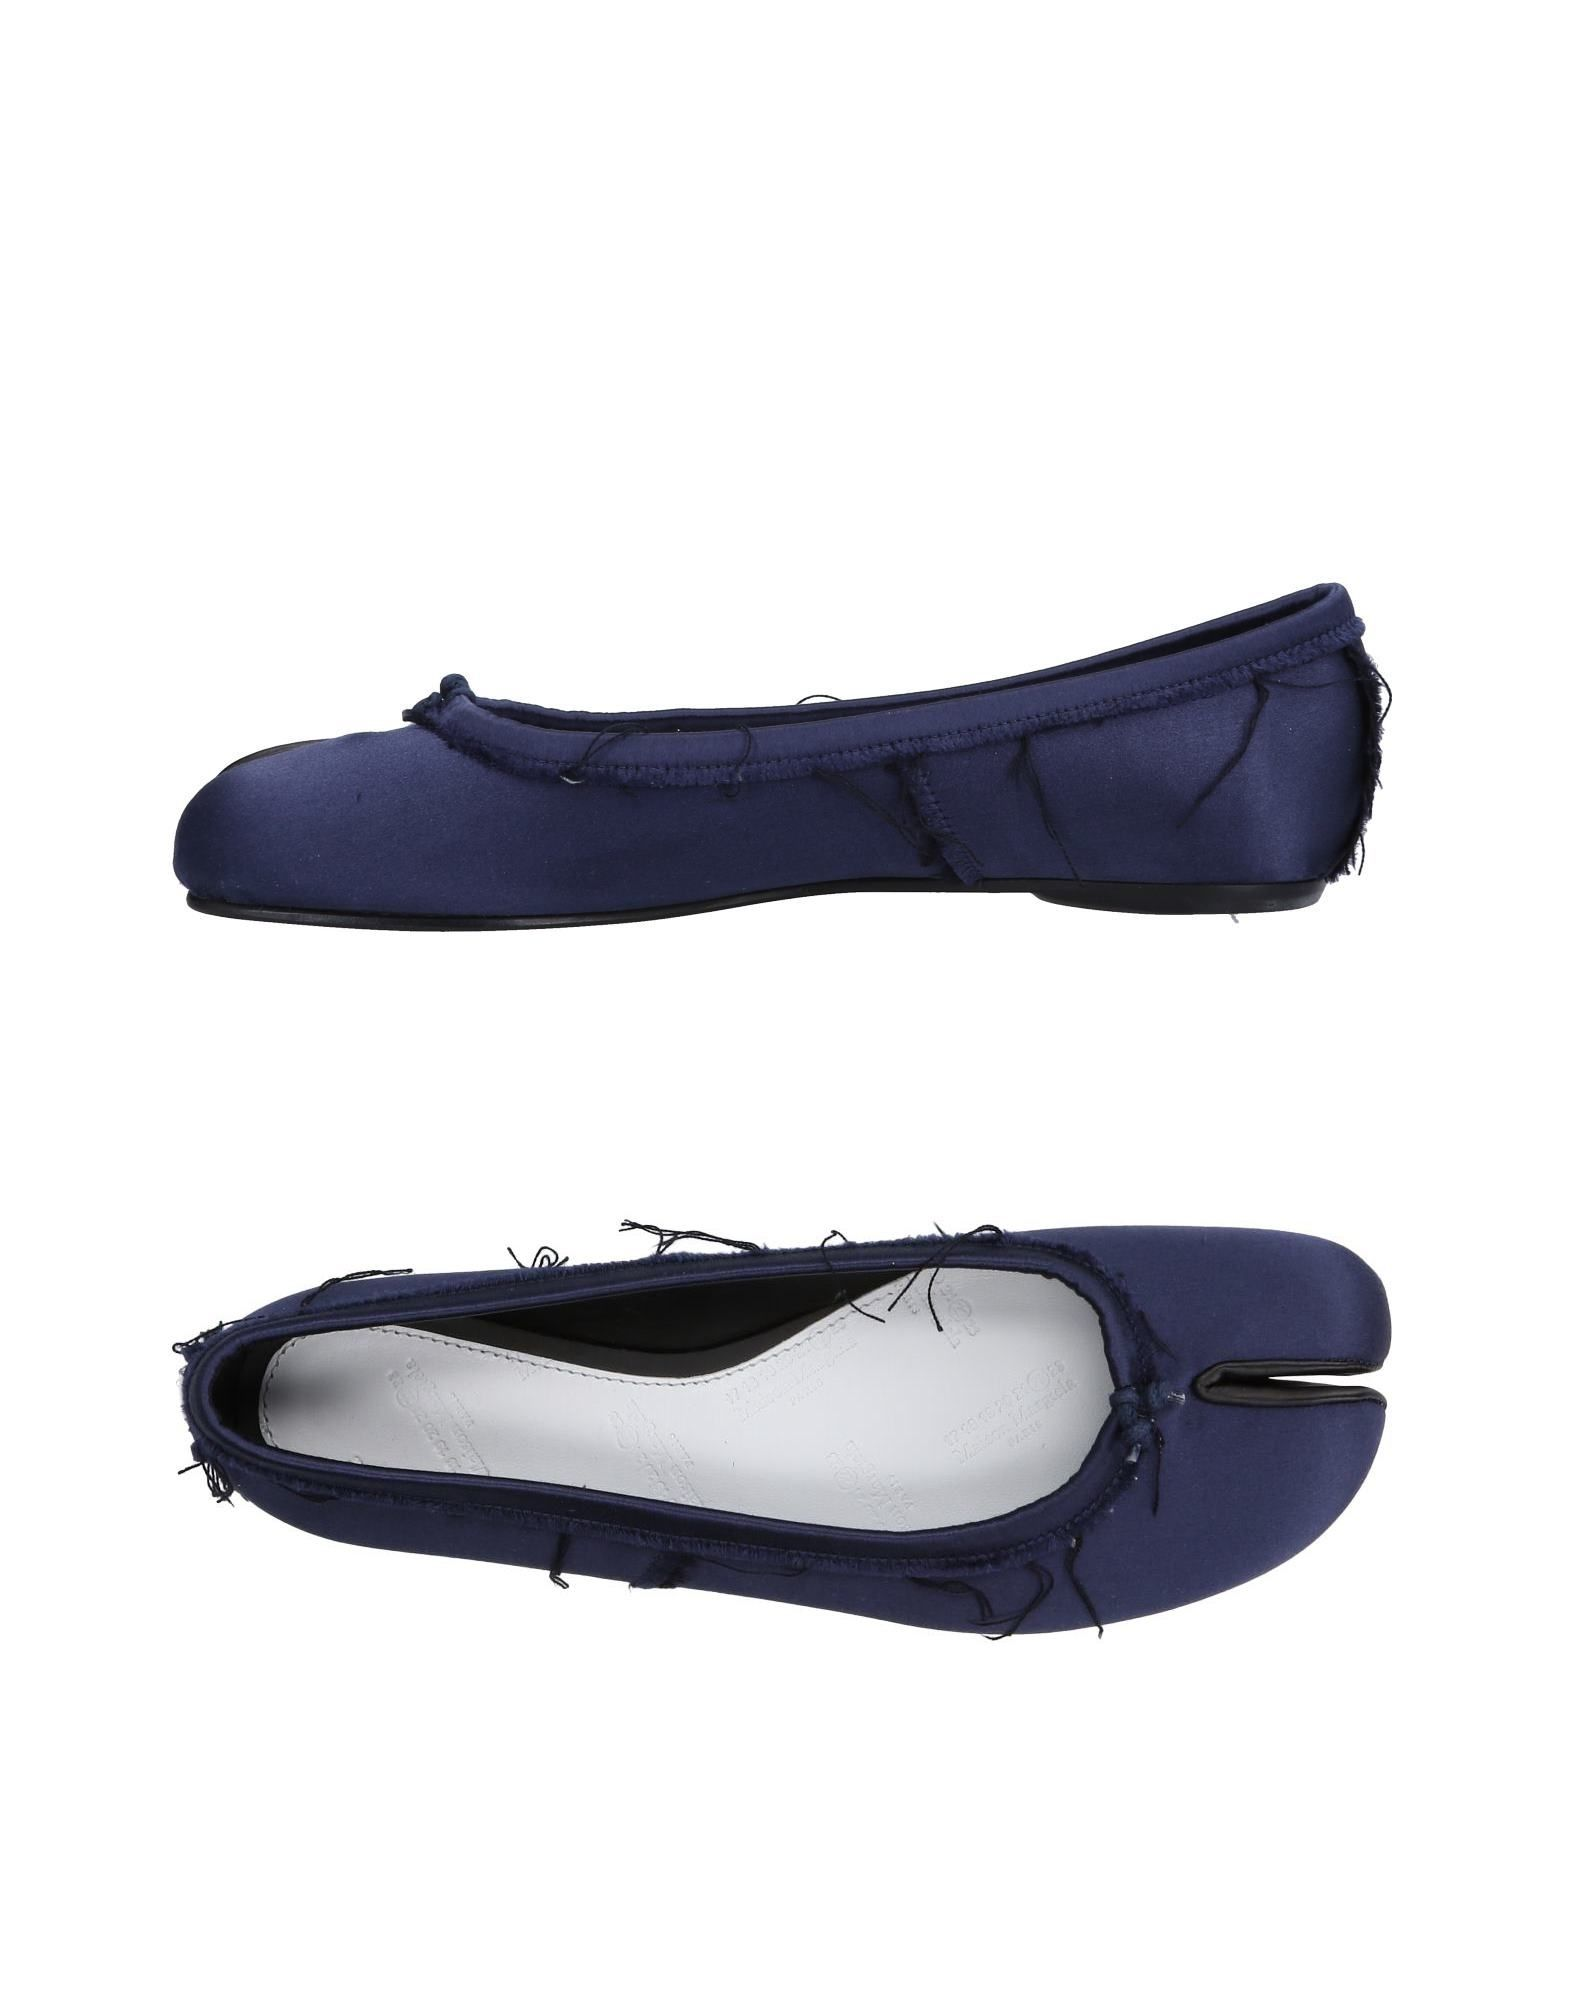 Rabatt Schuhe Maison Margiela  Ballerinas Damen  Margiela 11499197HW 392c4a